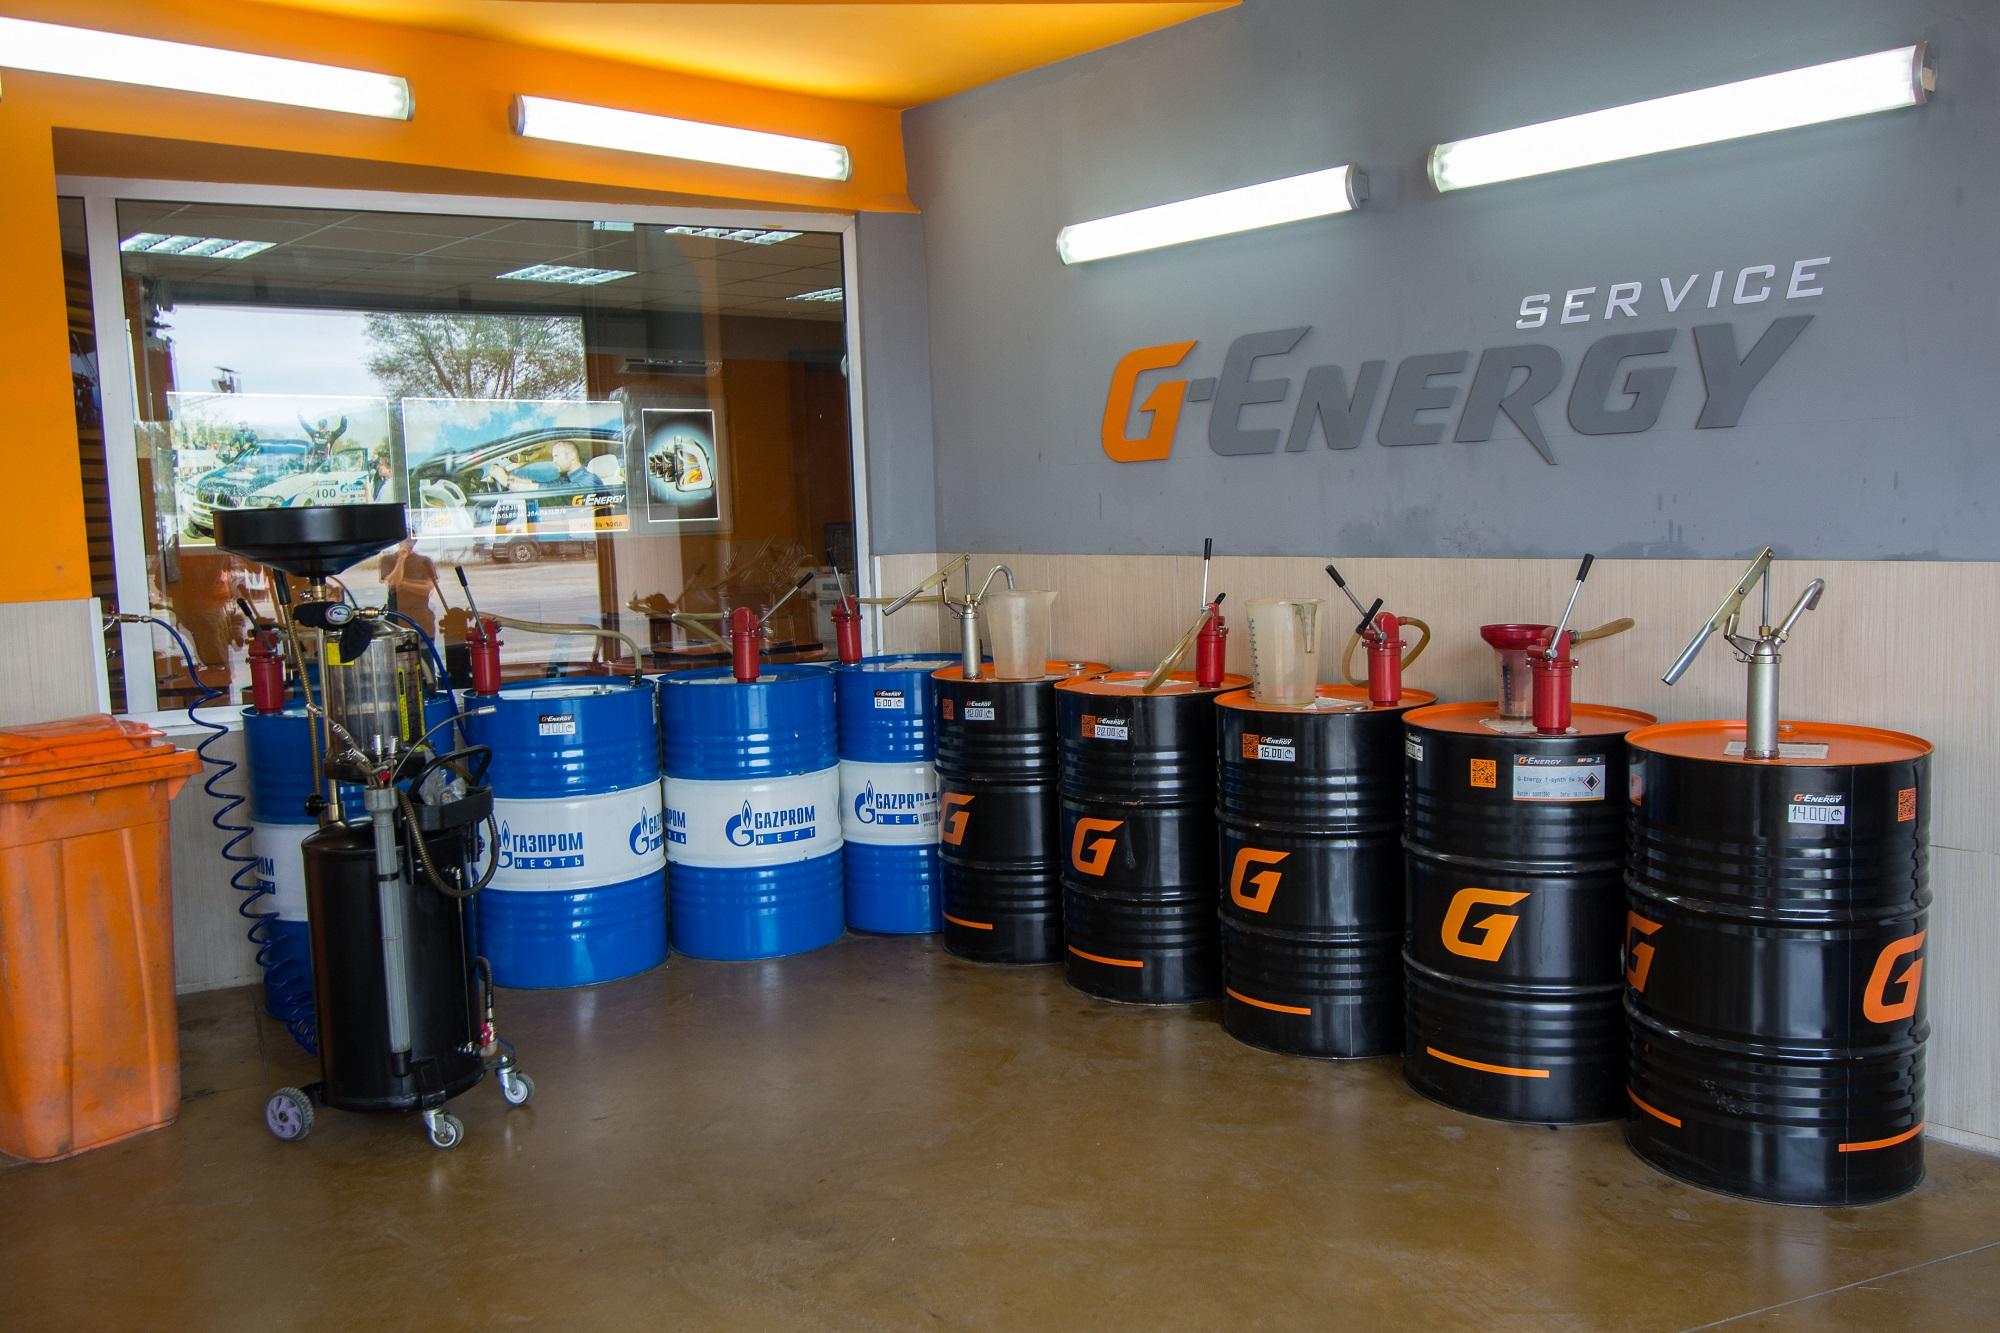 G_Energy_Service_HR_045